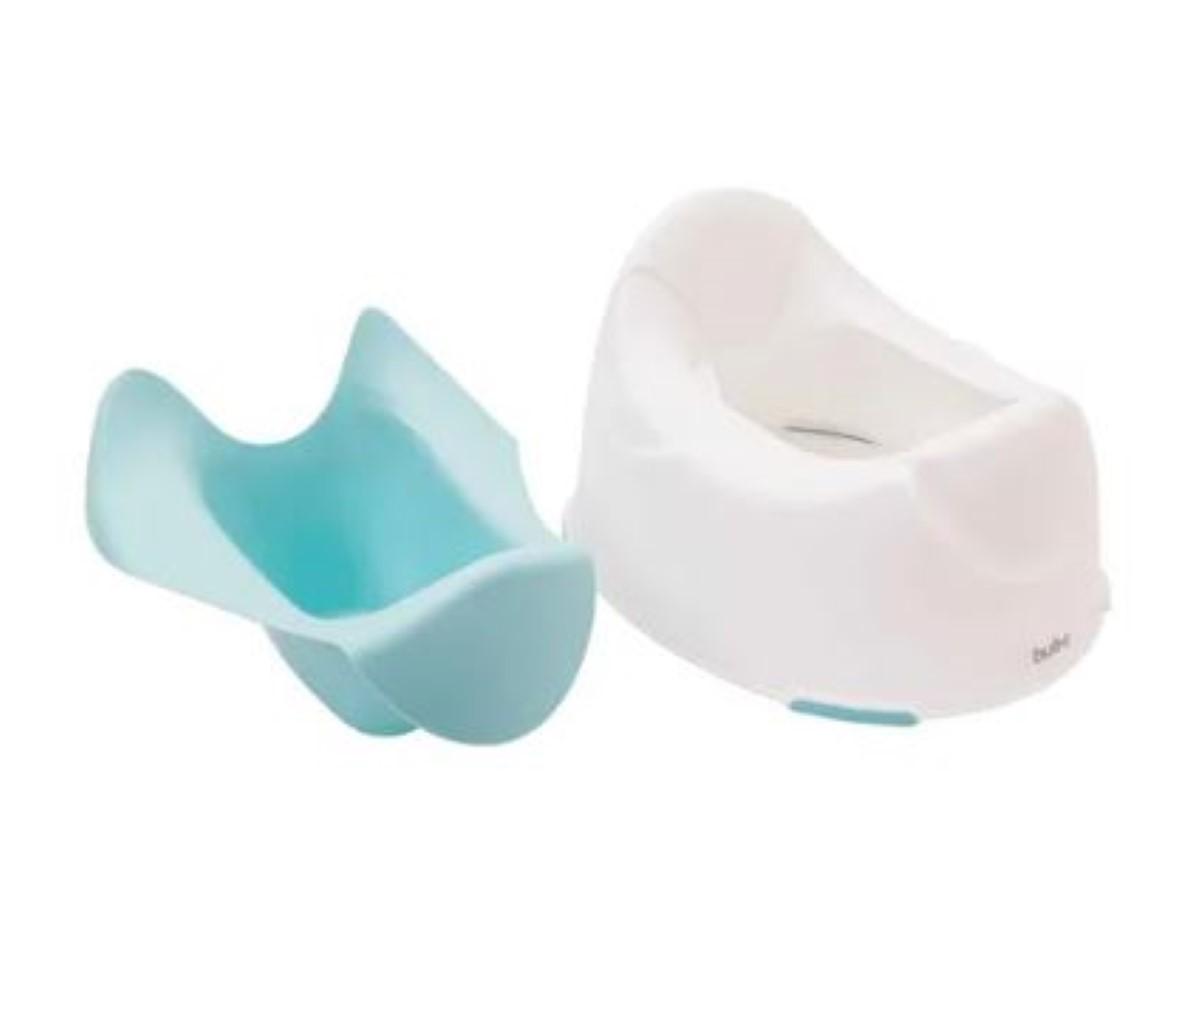 Troninho Infantil Pinico Azul E Verde Piniquinho Mictorio Ajuda No Desfralde Menino Buba Baby